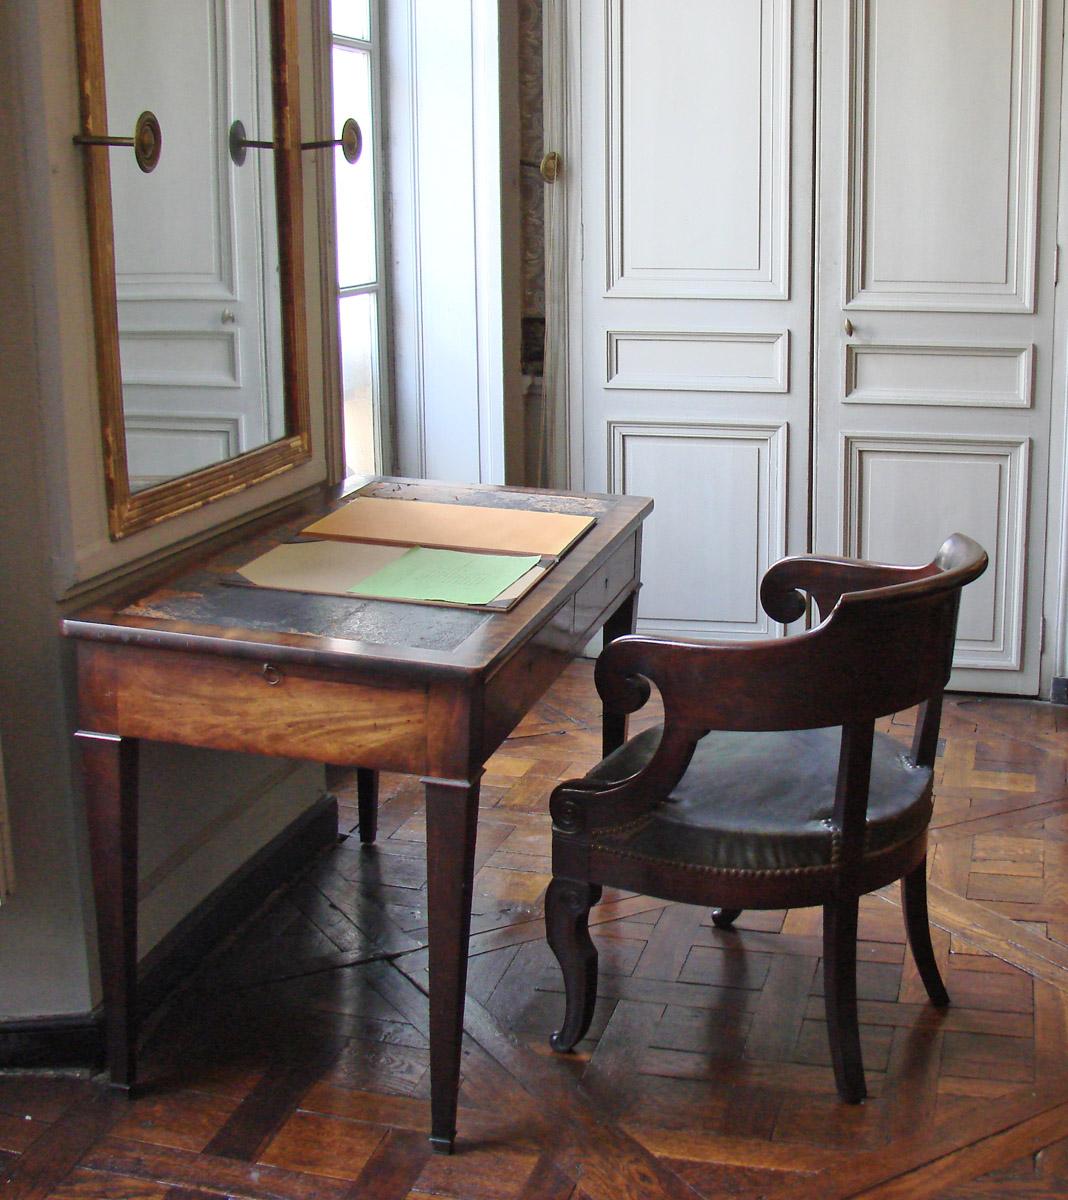 Filele Bureau Dauguste Comte Maison Da Comte